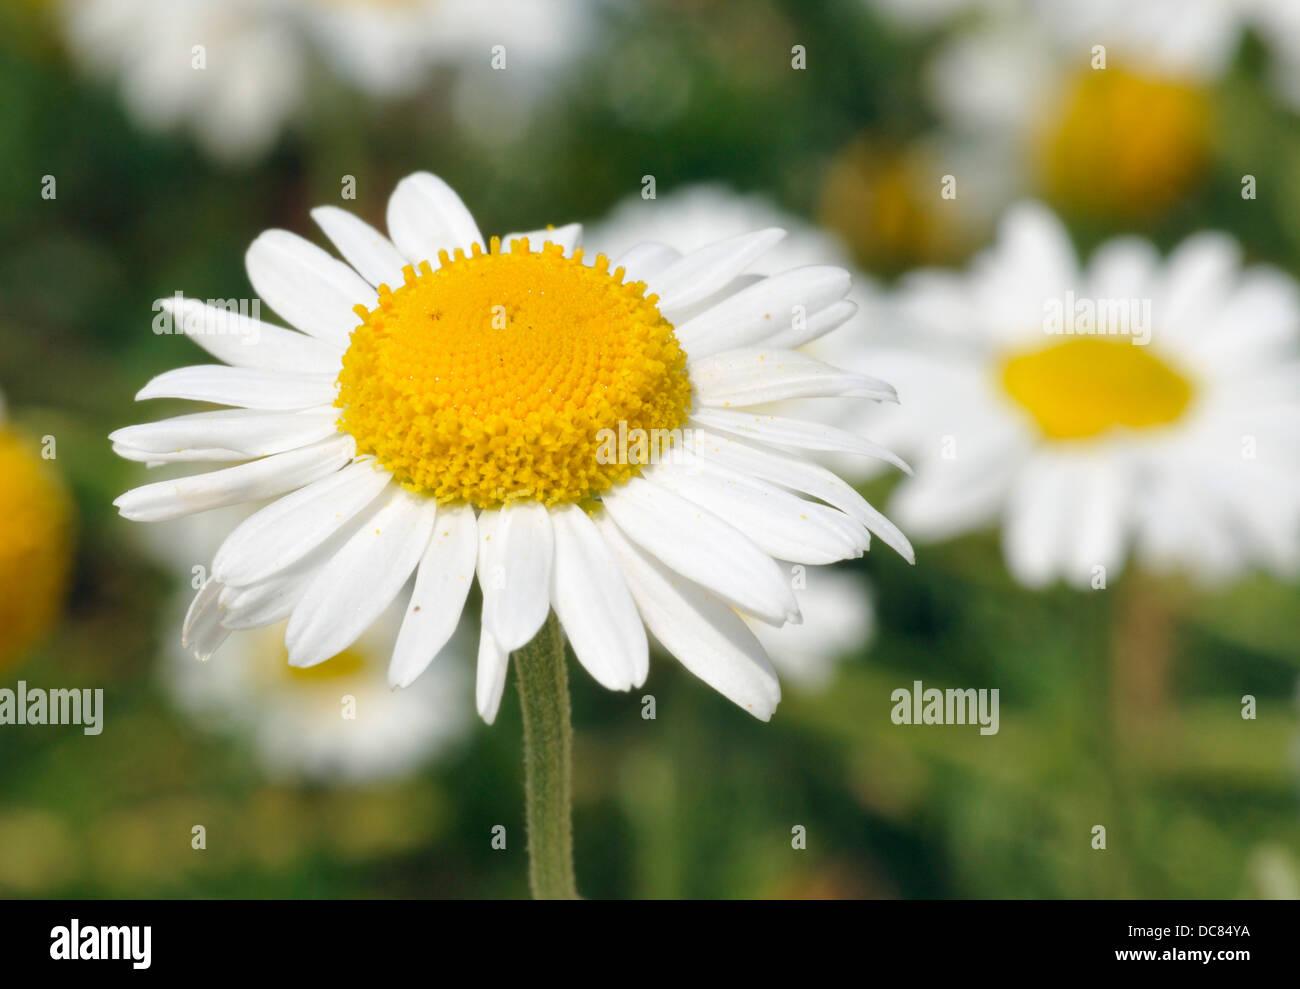 Chamomile chamaemelum nobile white daisy like flower stock photo chamomile chamaemelum nobile white daisy like flower izmirmasajfo Images